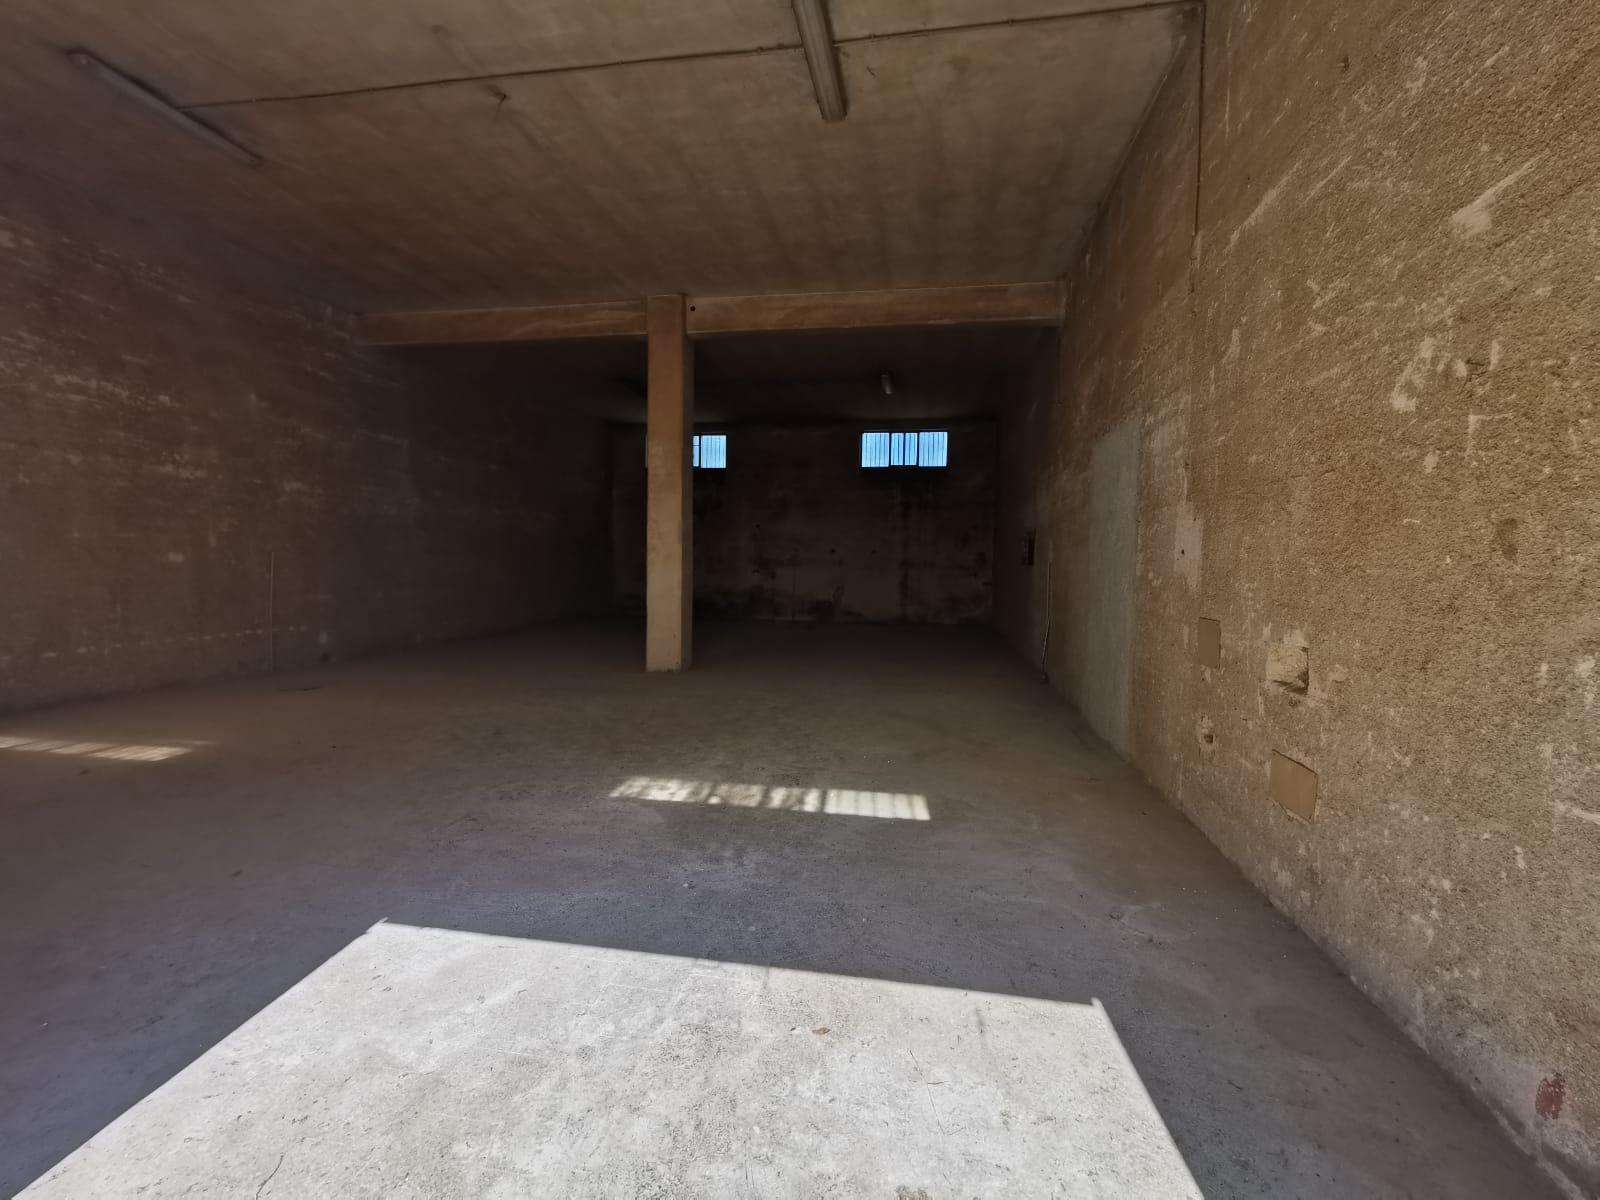 Foto 3 - Laboratorio/magazzino in Vendita a Manfredonia - Viale Padre Pio - Posta del Fosso